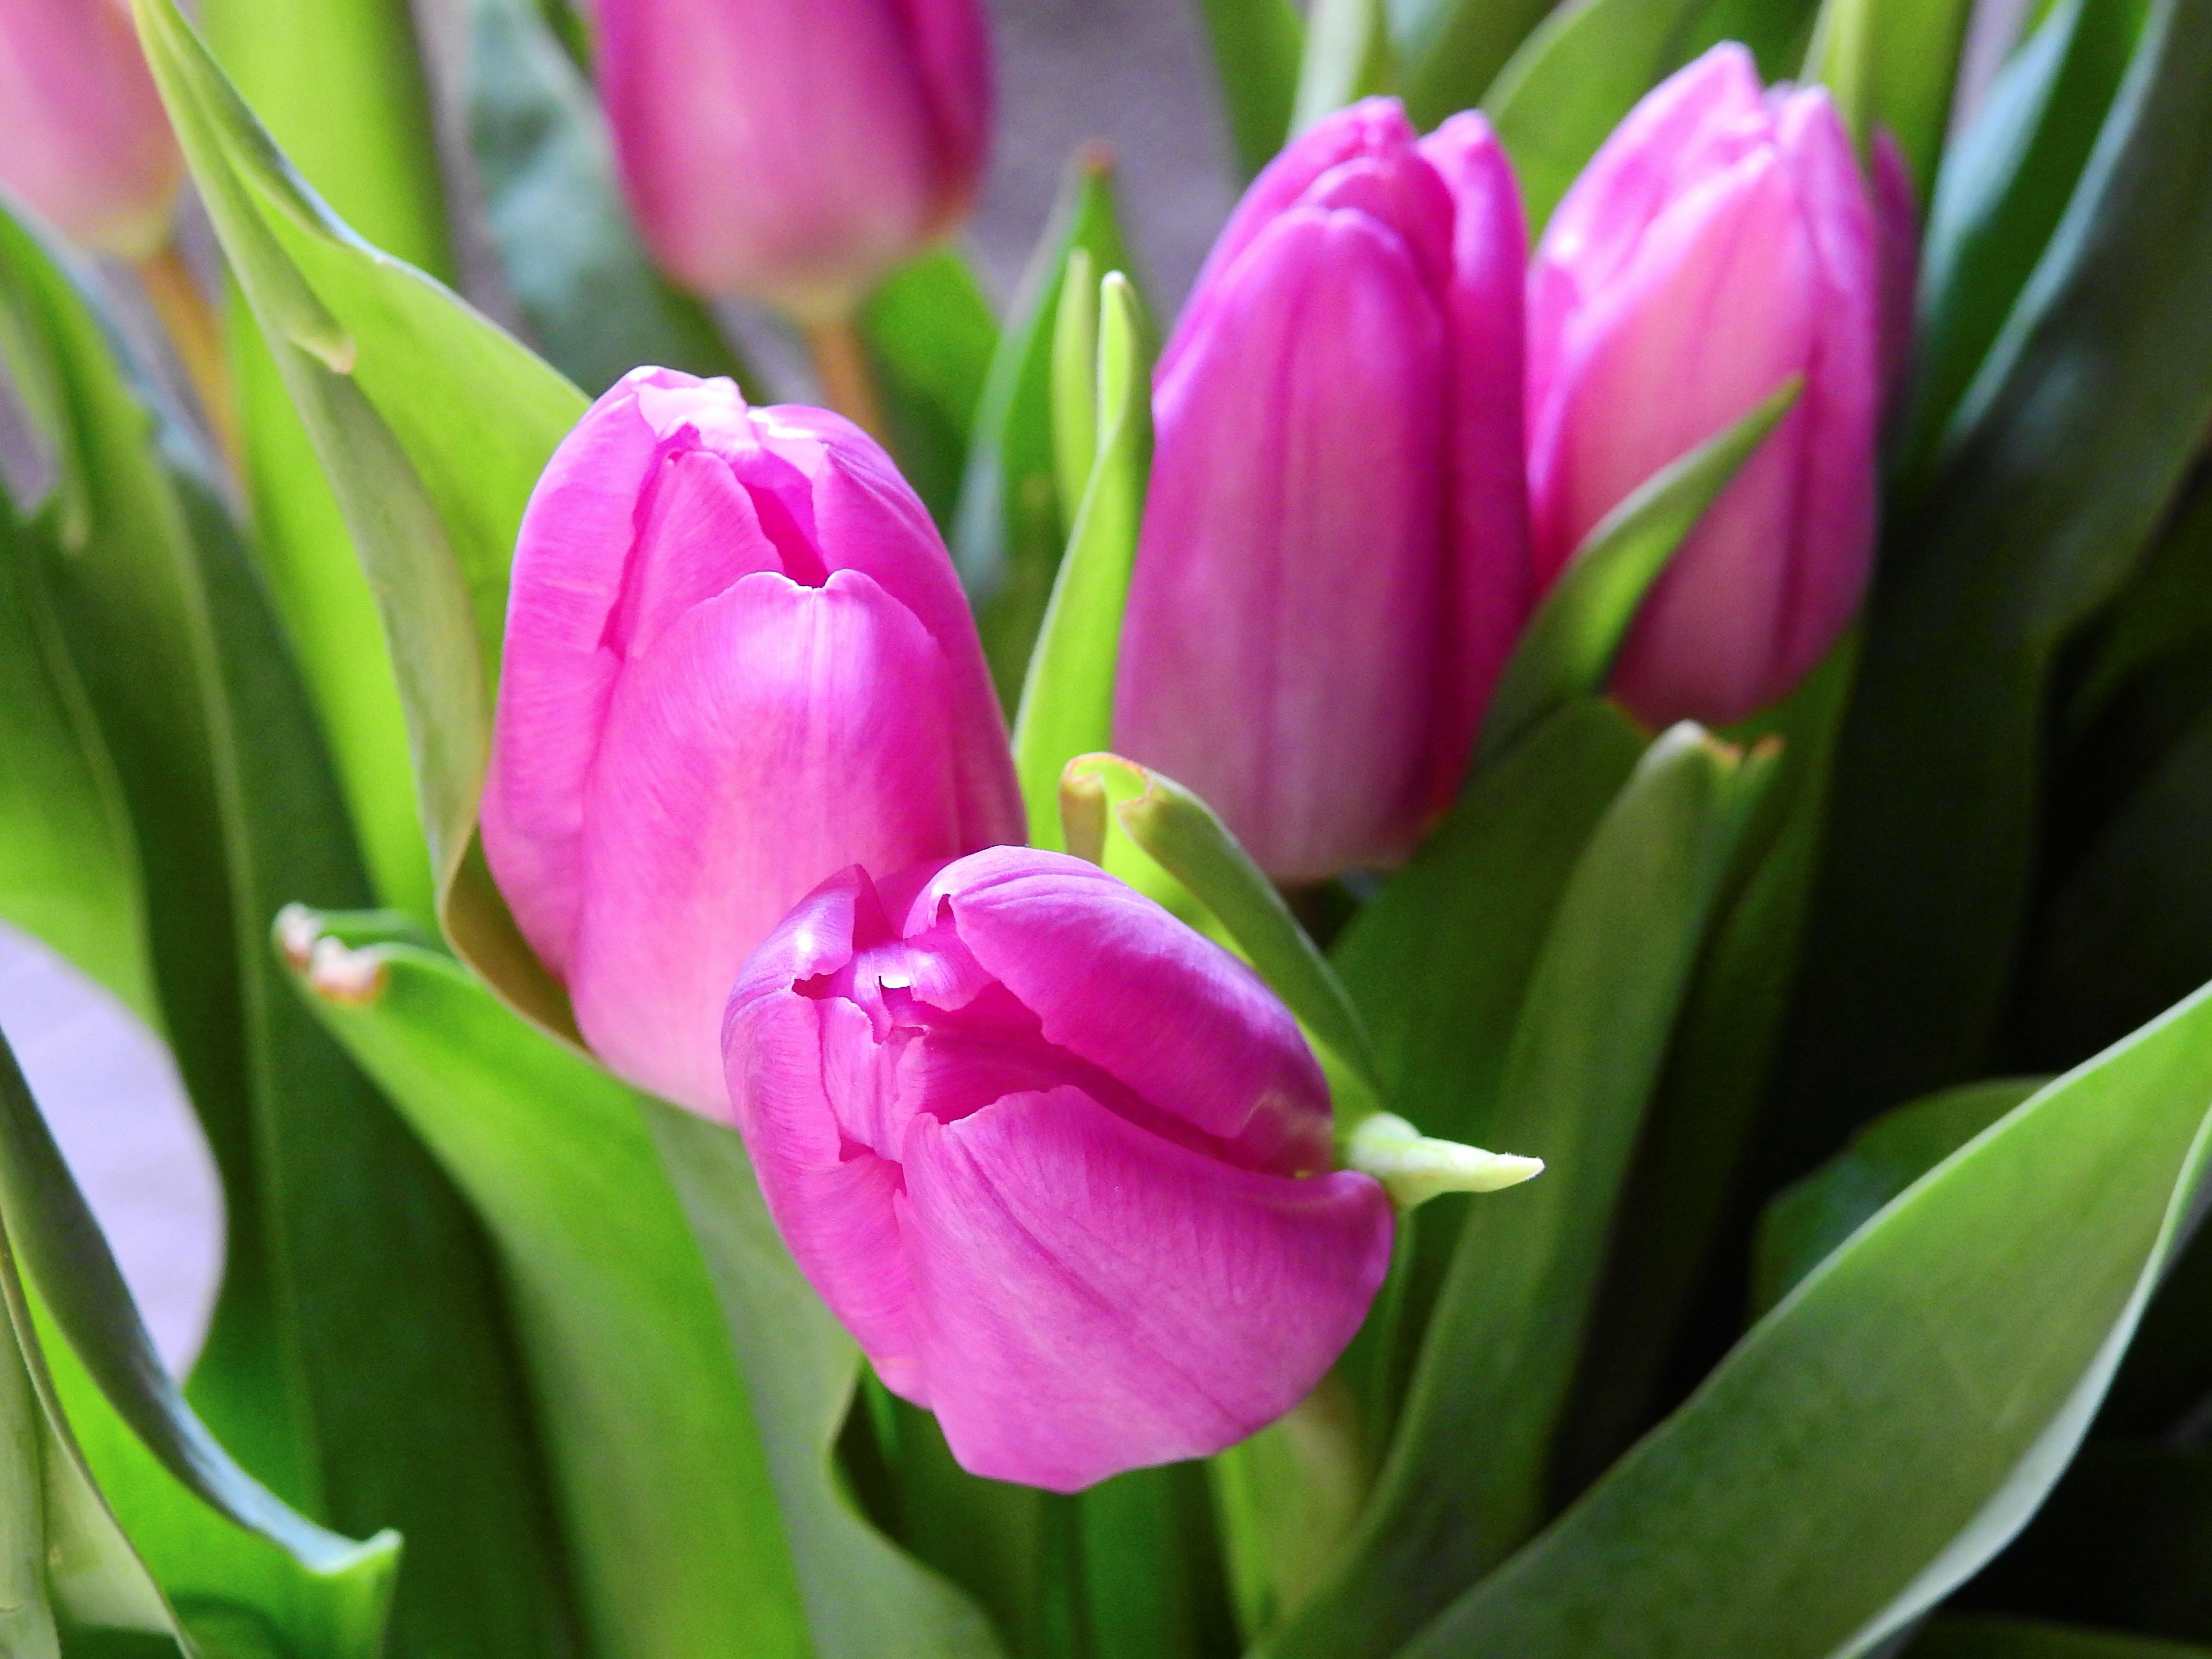 images gratuites : fleur, pétale, floraison, tulipe, bouquet